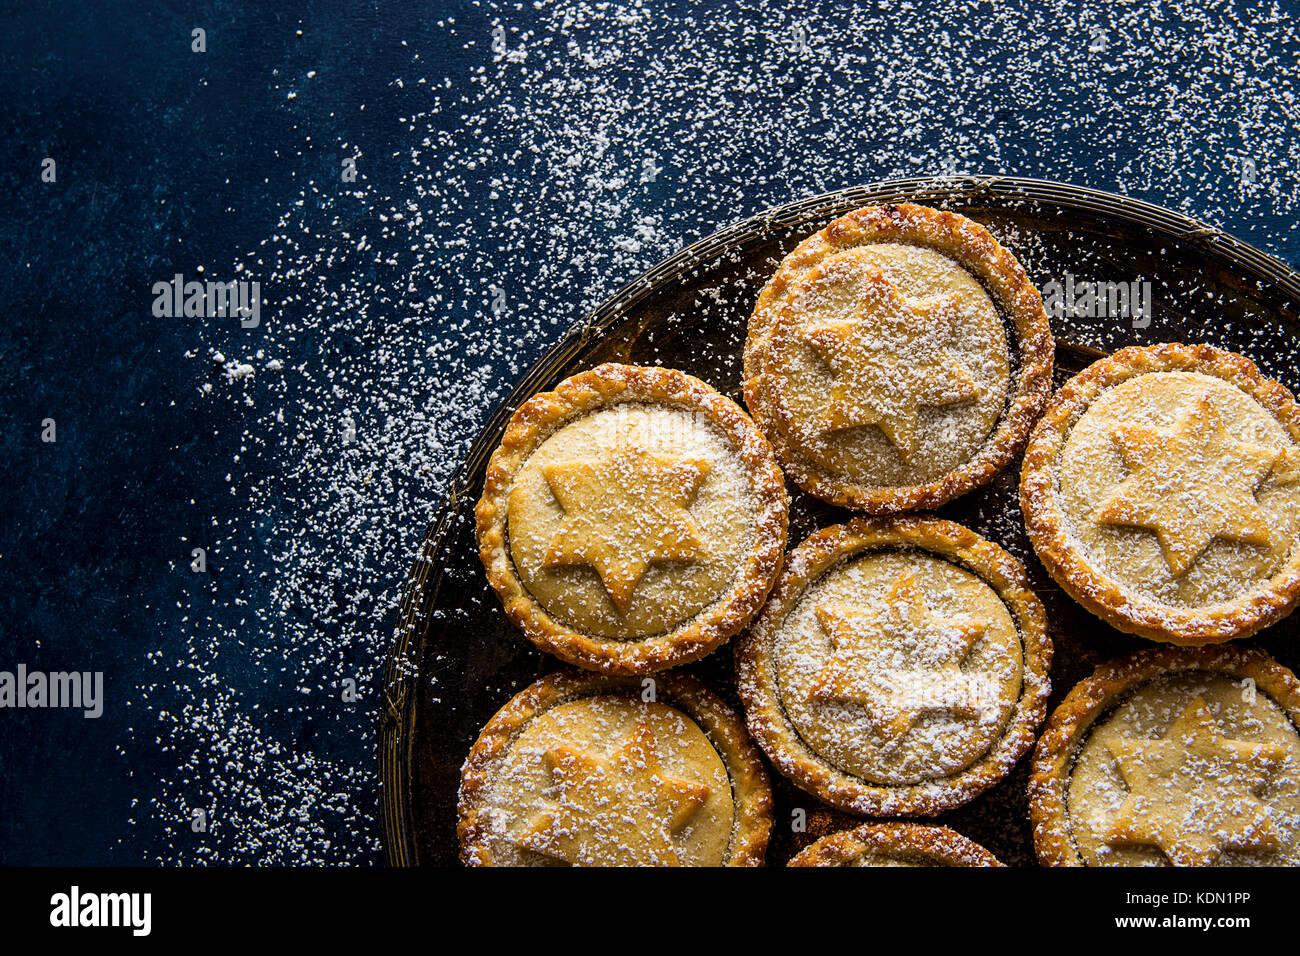 Navidad británica tradicional postre repostería caseras carne picada tartas con manzana Golden shortcrust Imagen De Stock